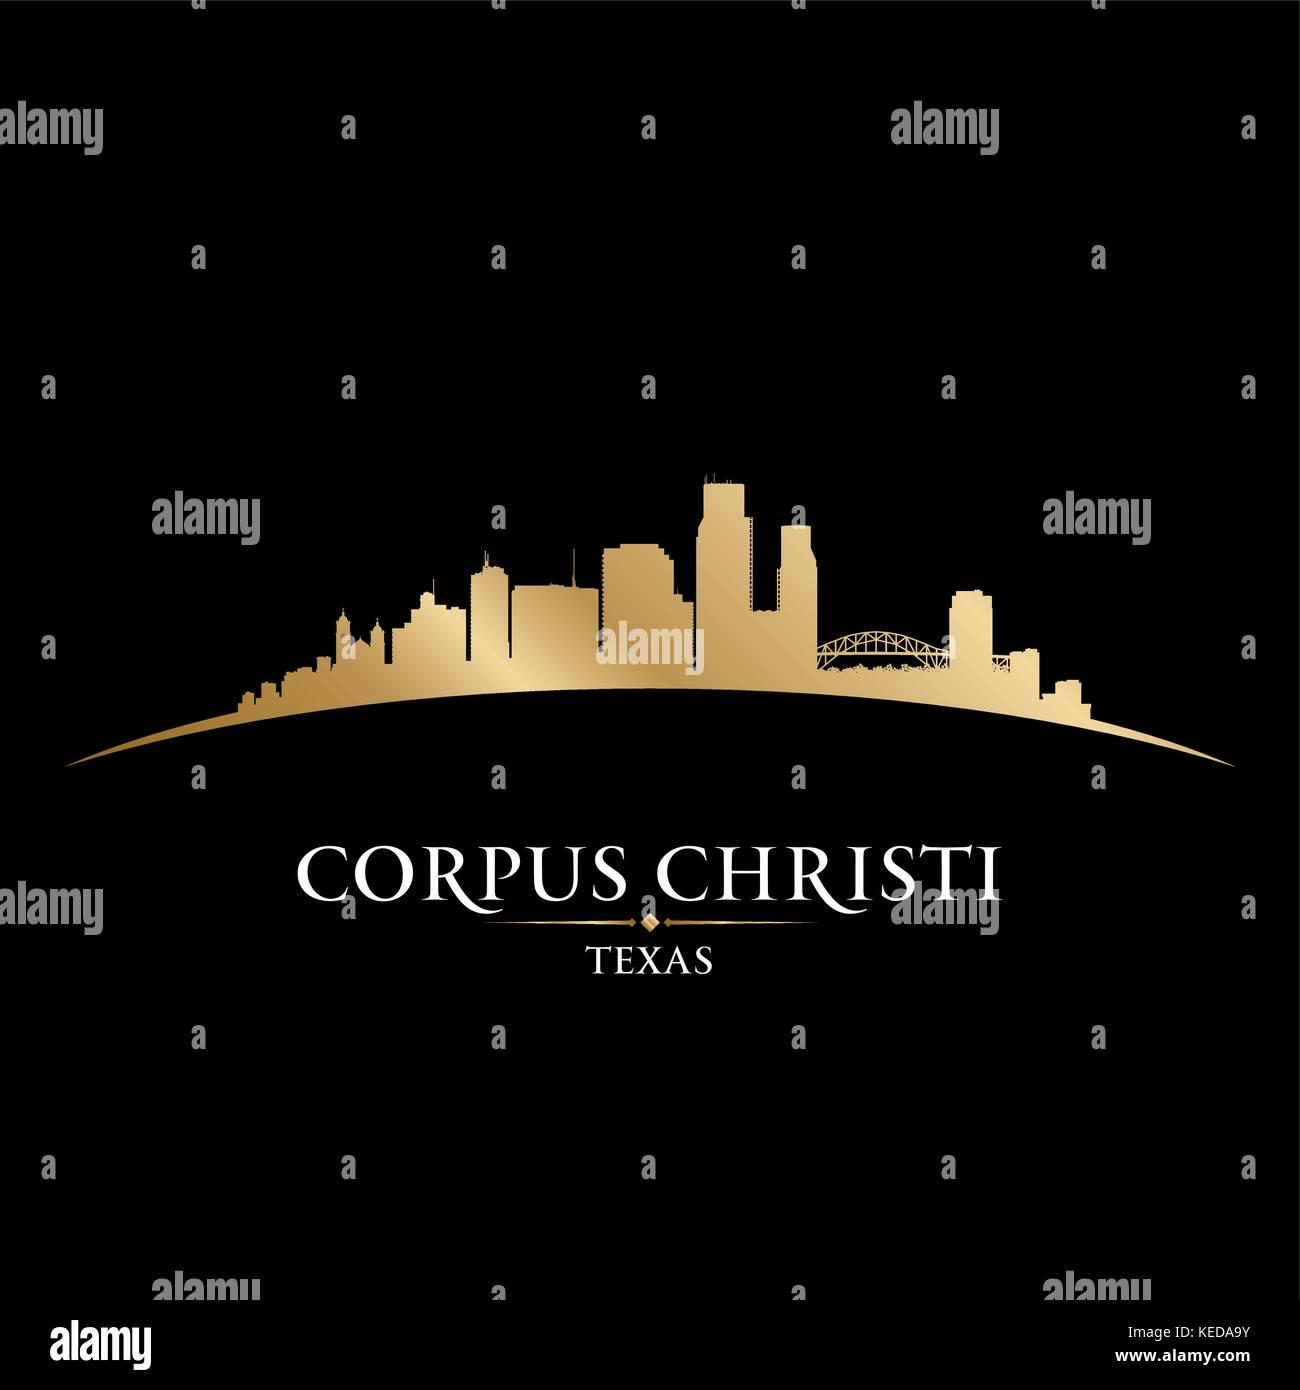 Corpus Christi Texas city skyline silhouette. Vector illustration Stock Vector